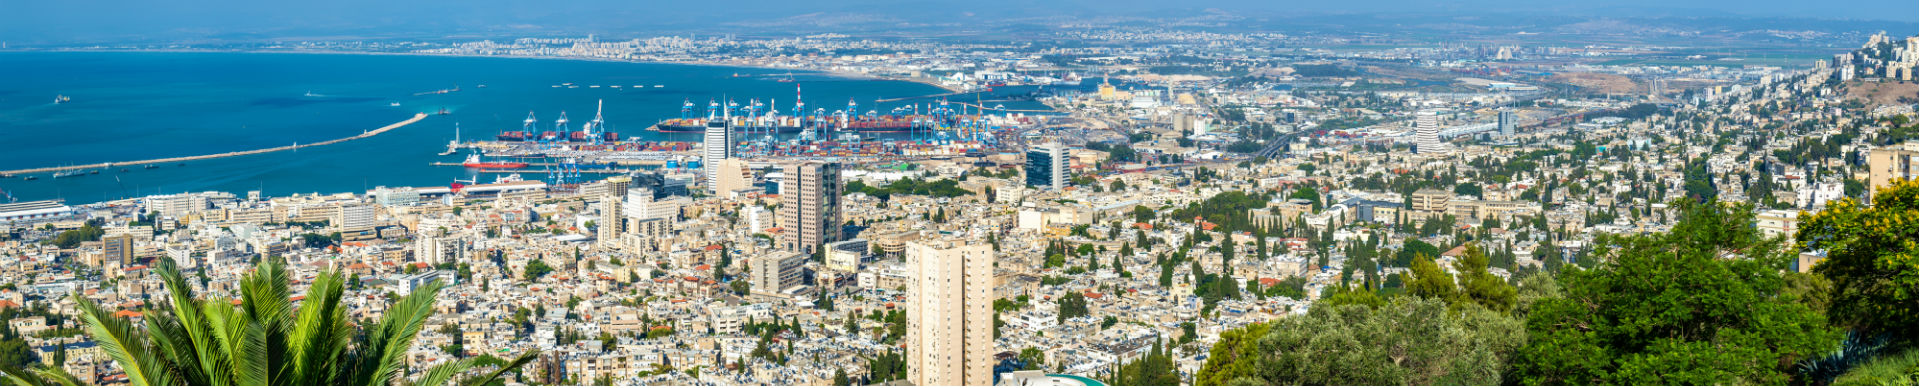 חברי הוועד – מרחב חיפה והצפון